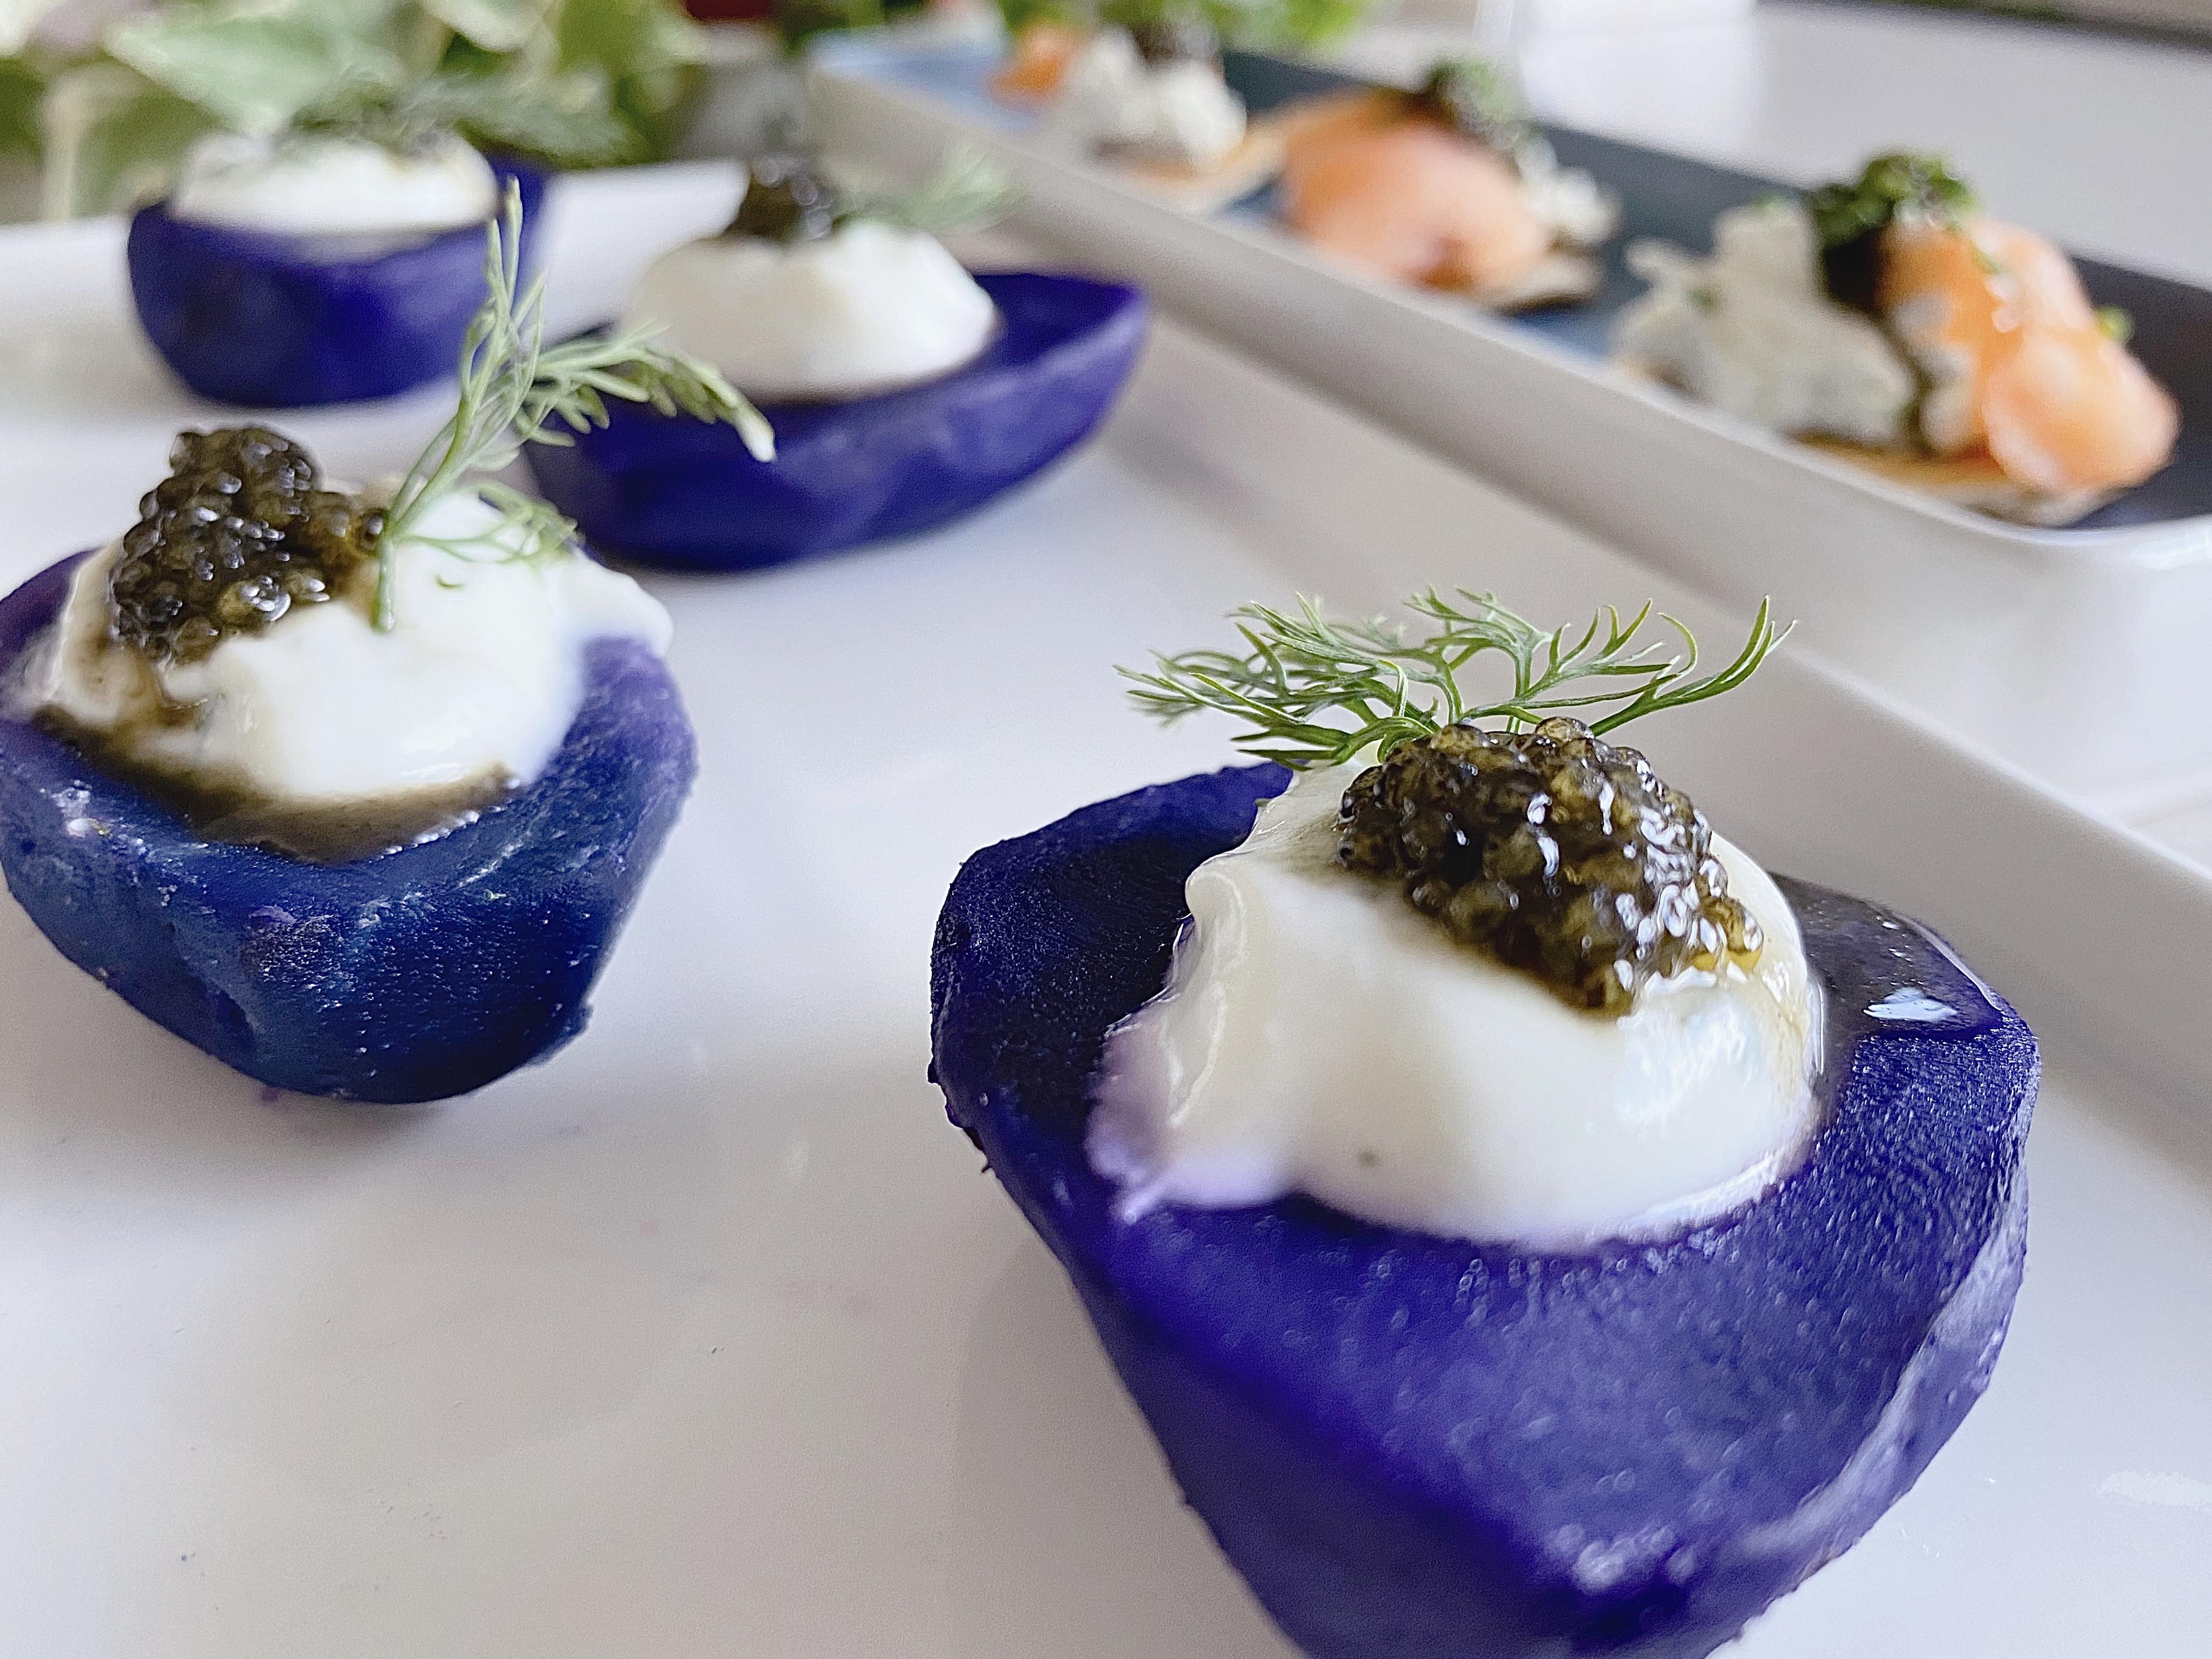 魚子醬佐酸奶紫薯